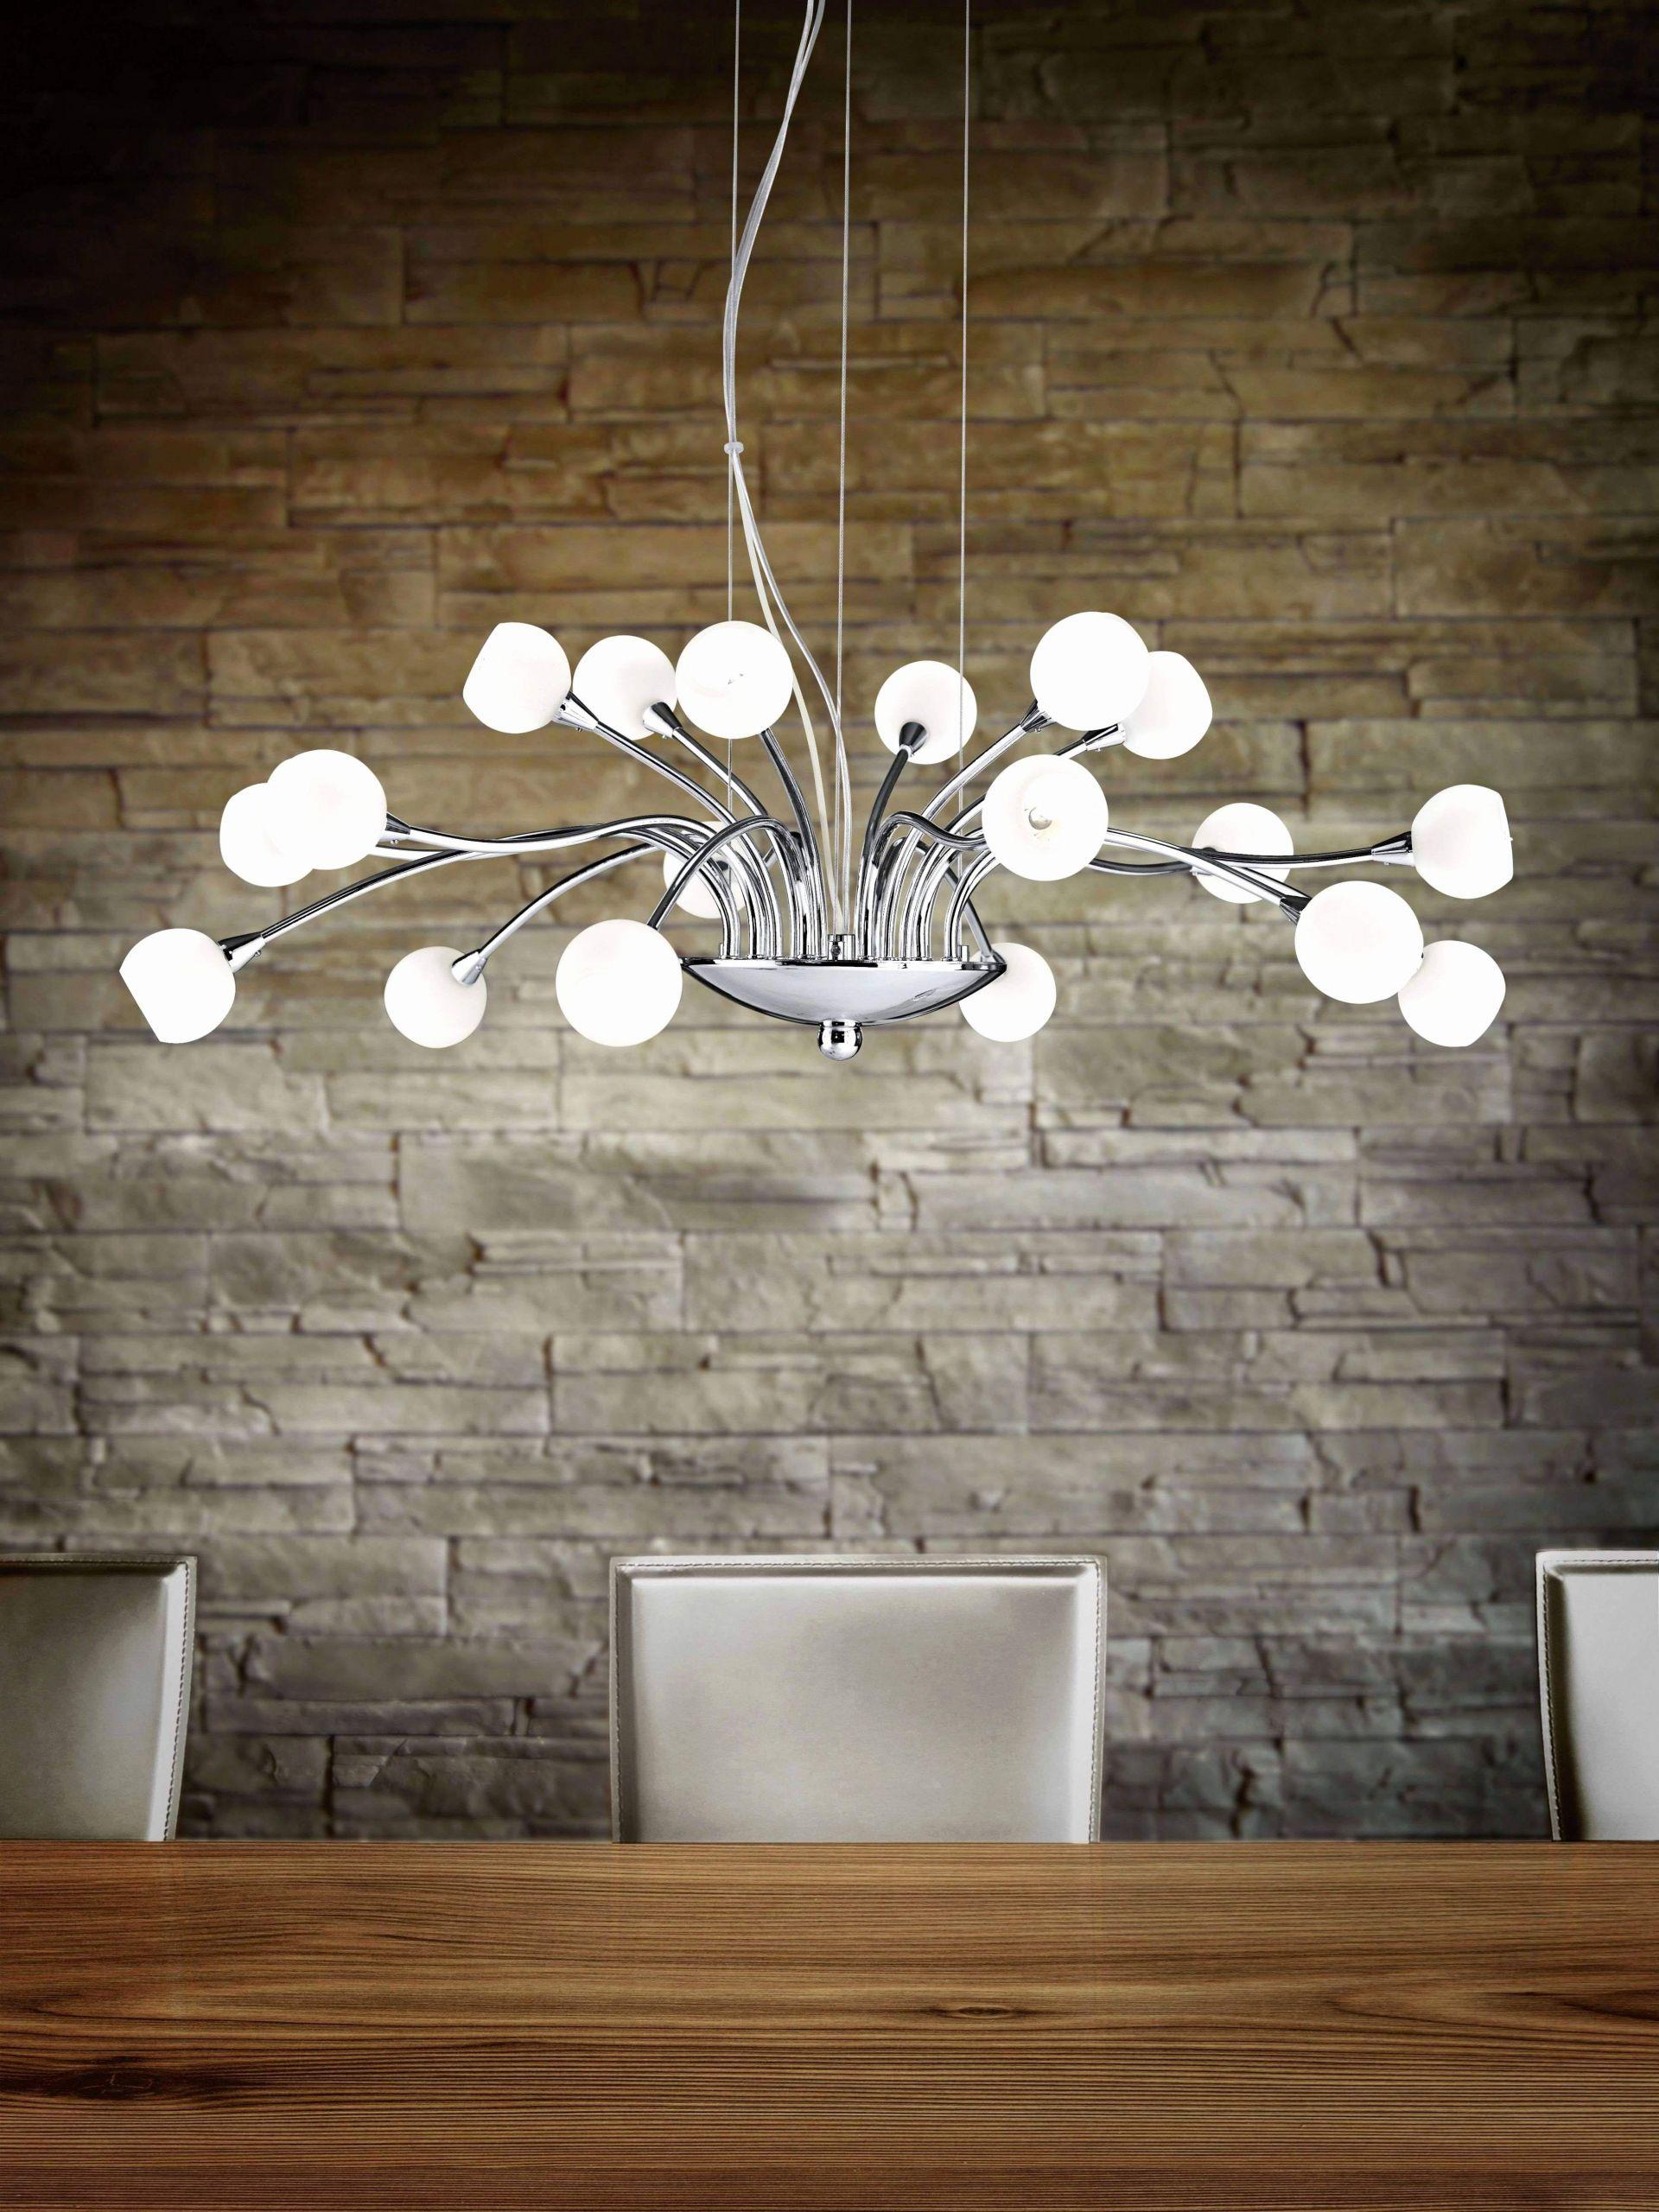 Full Size of Wohnzimmer Lampe 29 Einzigartig Modern Elegant Frisch Heizkörper Deckenlampe Badezimmer Stehlampen Wandtattoo Fototapete Lampen Esstisch Schrankwand Liege Wohnzimmer Wohnzimmer Lampe